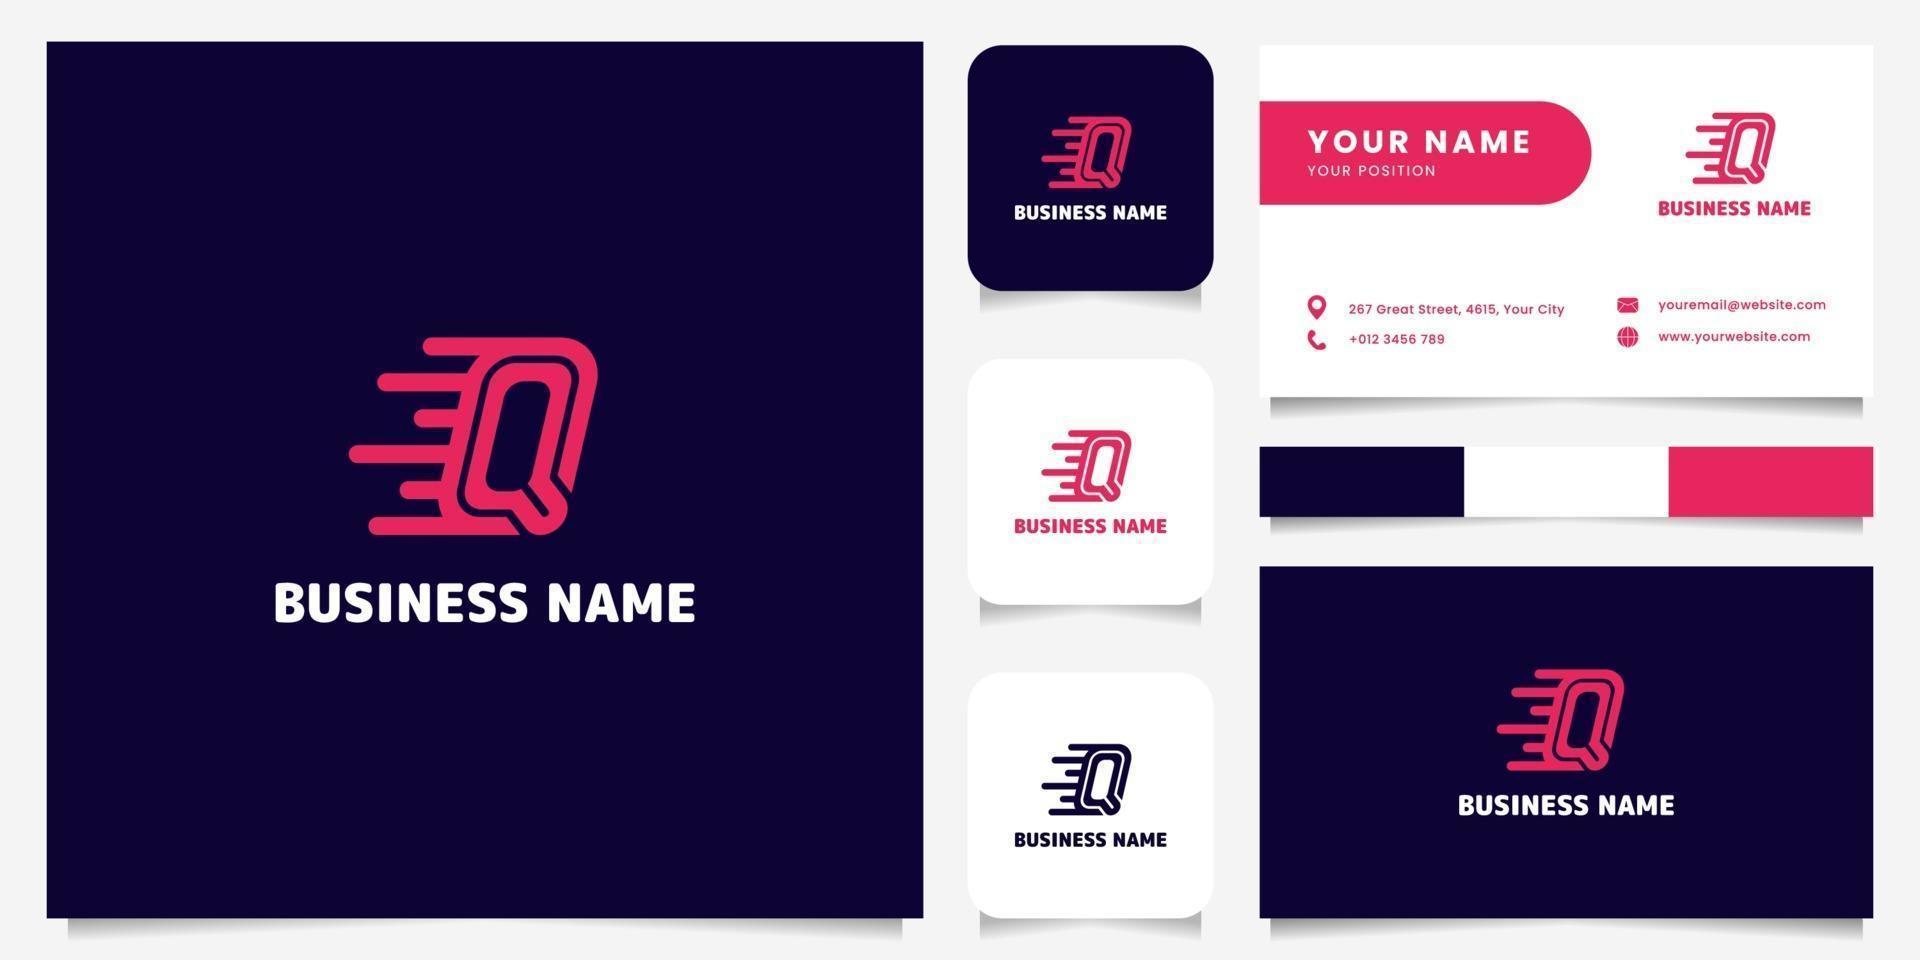 logo di velocità lettera q rosa brillante semplice e minimalista nel logo di sfondo scuro con modello di biglietto da visita vettore